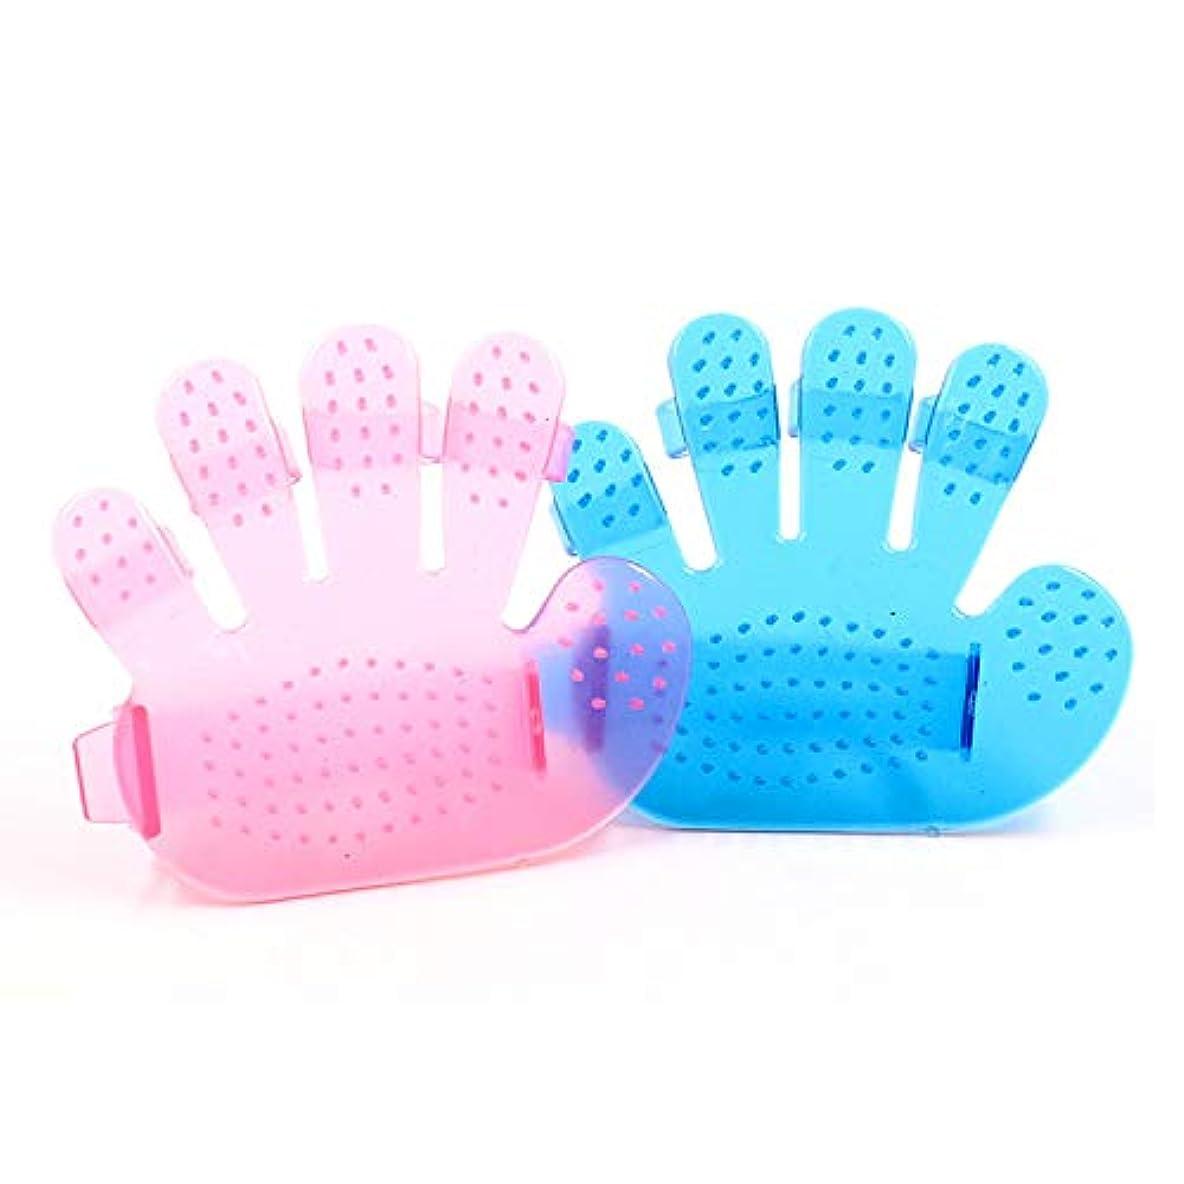 機関クスコ採用するBTXXYJP ペット ブラシ 手袋 猫 ブラシ グローブ クリーナー 耐摩耗 抜け毛取り マッサージブラシ 犬 グローブ 10個 (Color : Pink, Size : M-Ten)